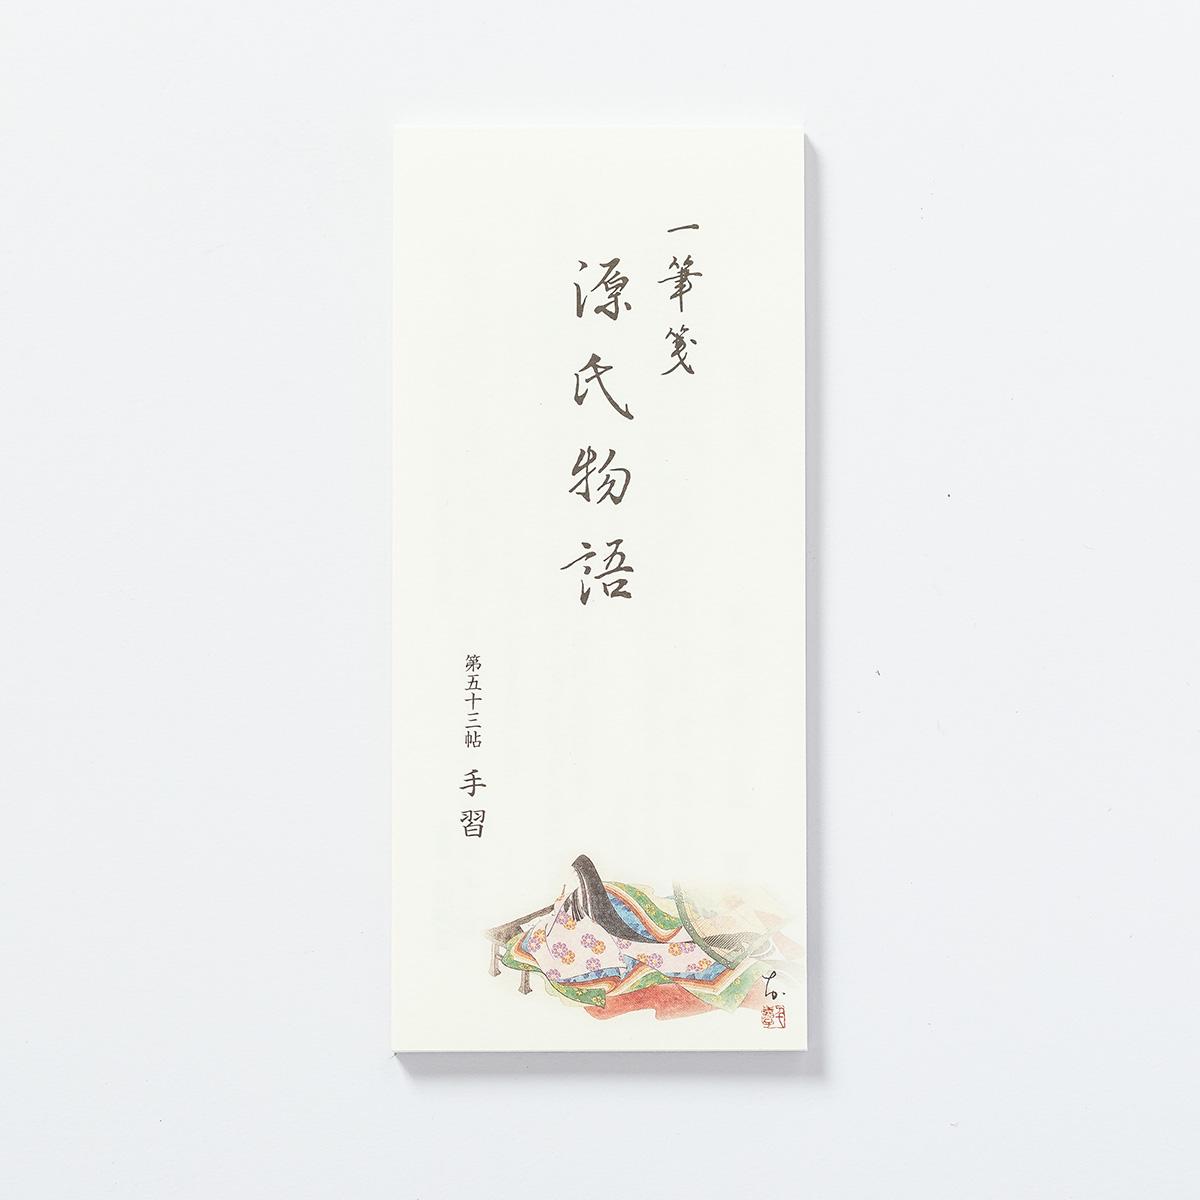 源氏物語一筆箋 第53帖「手習」